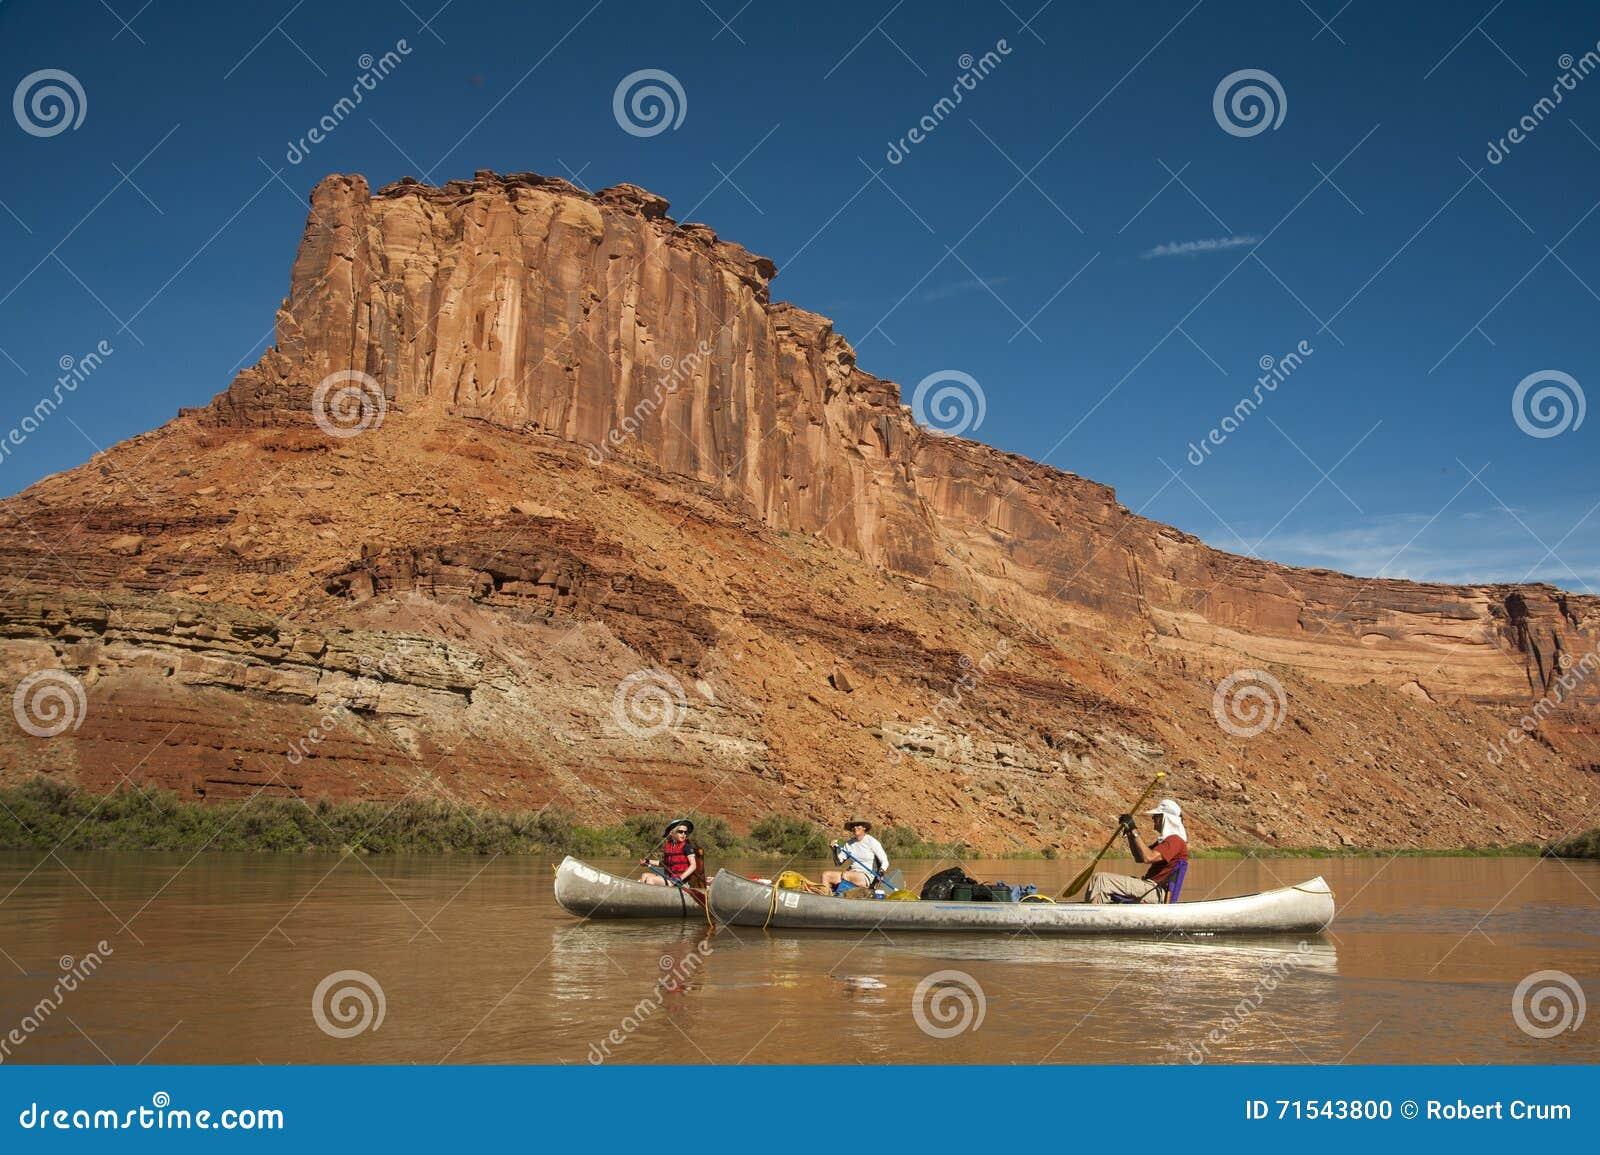 Famiglia in canoe sul fiume del deserto fotografia stock for Cabine sul bordo del fiume